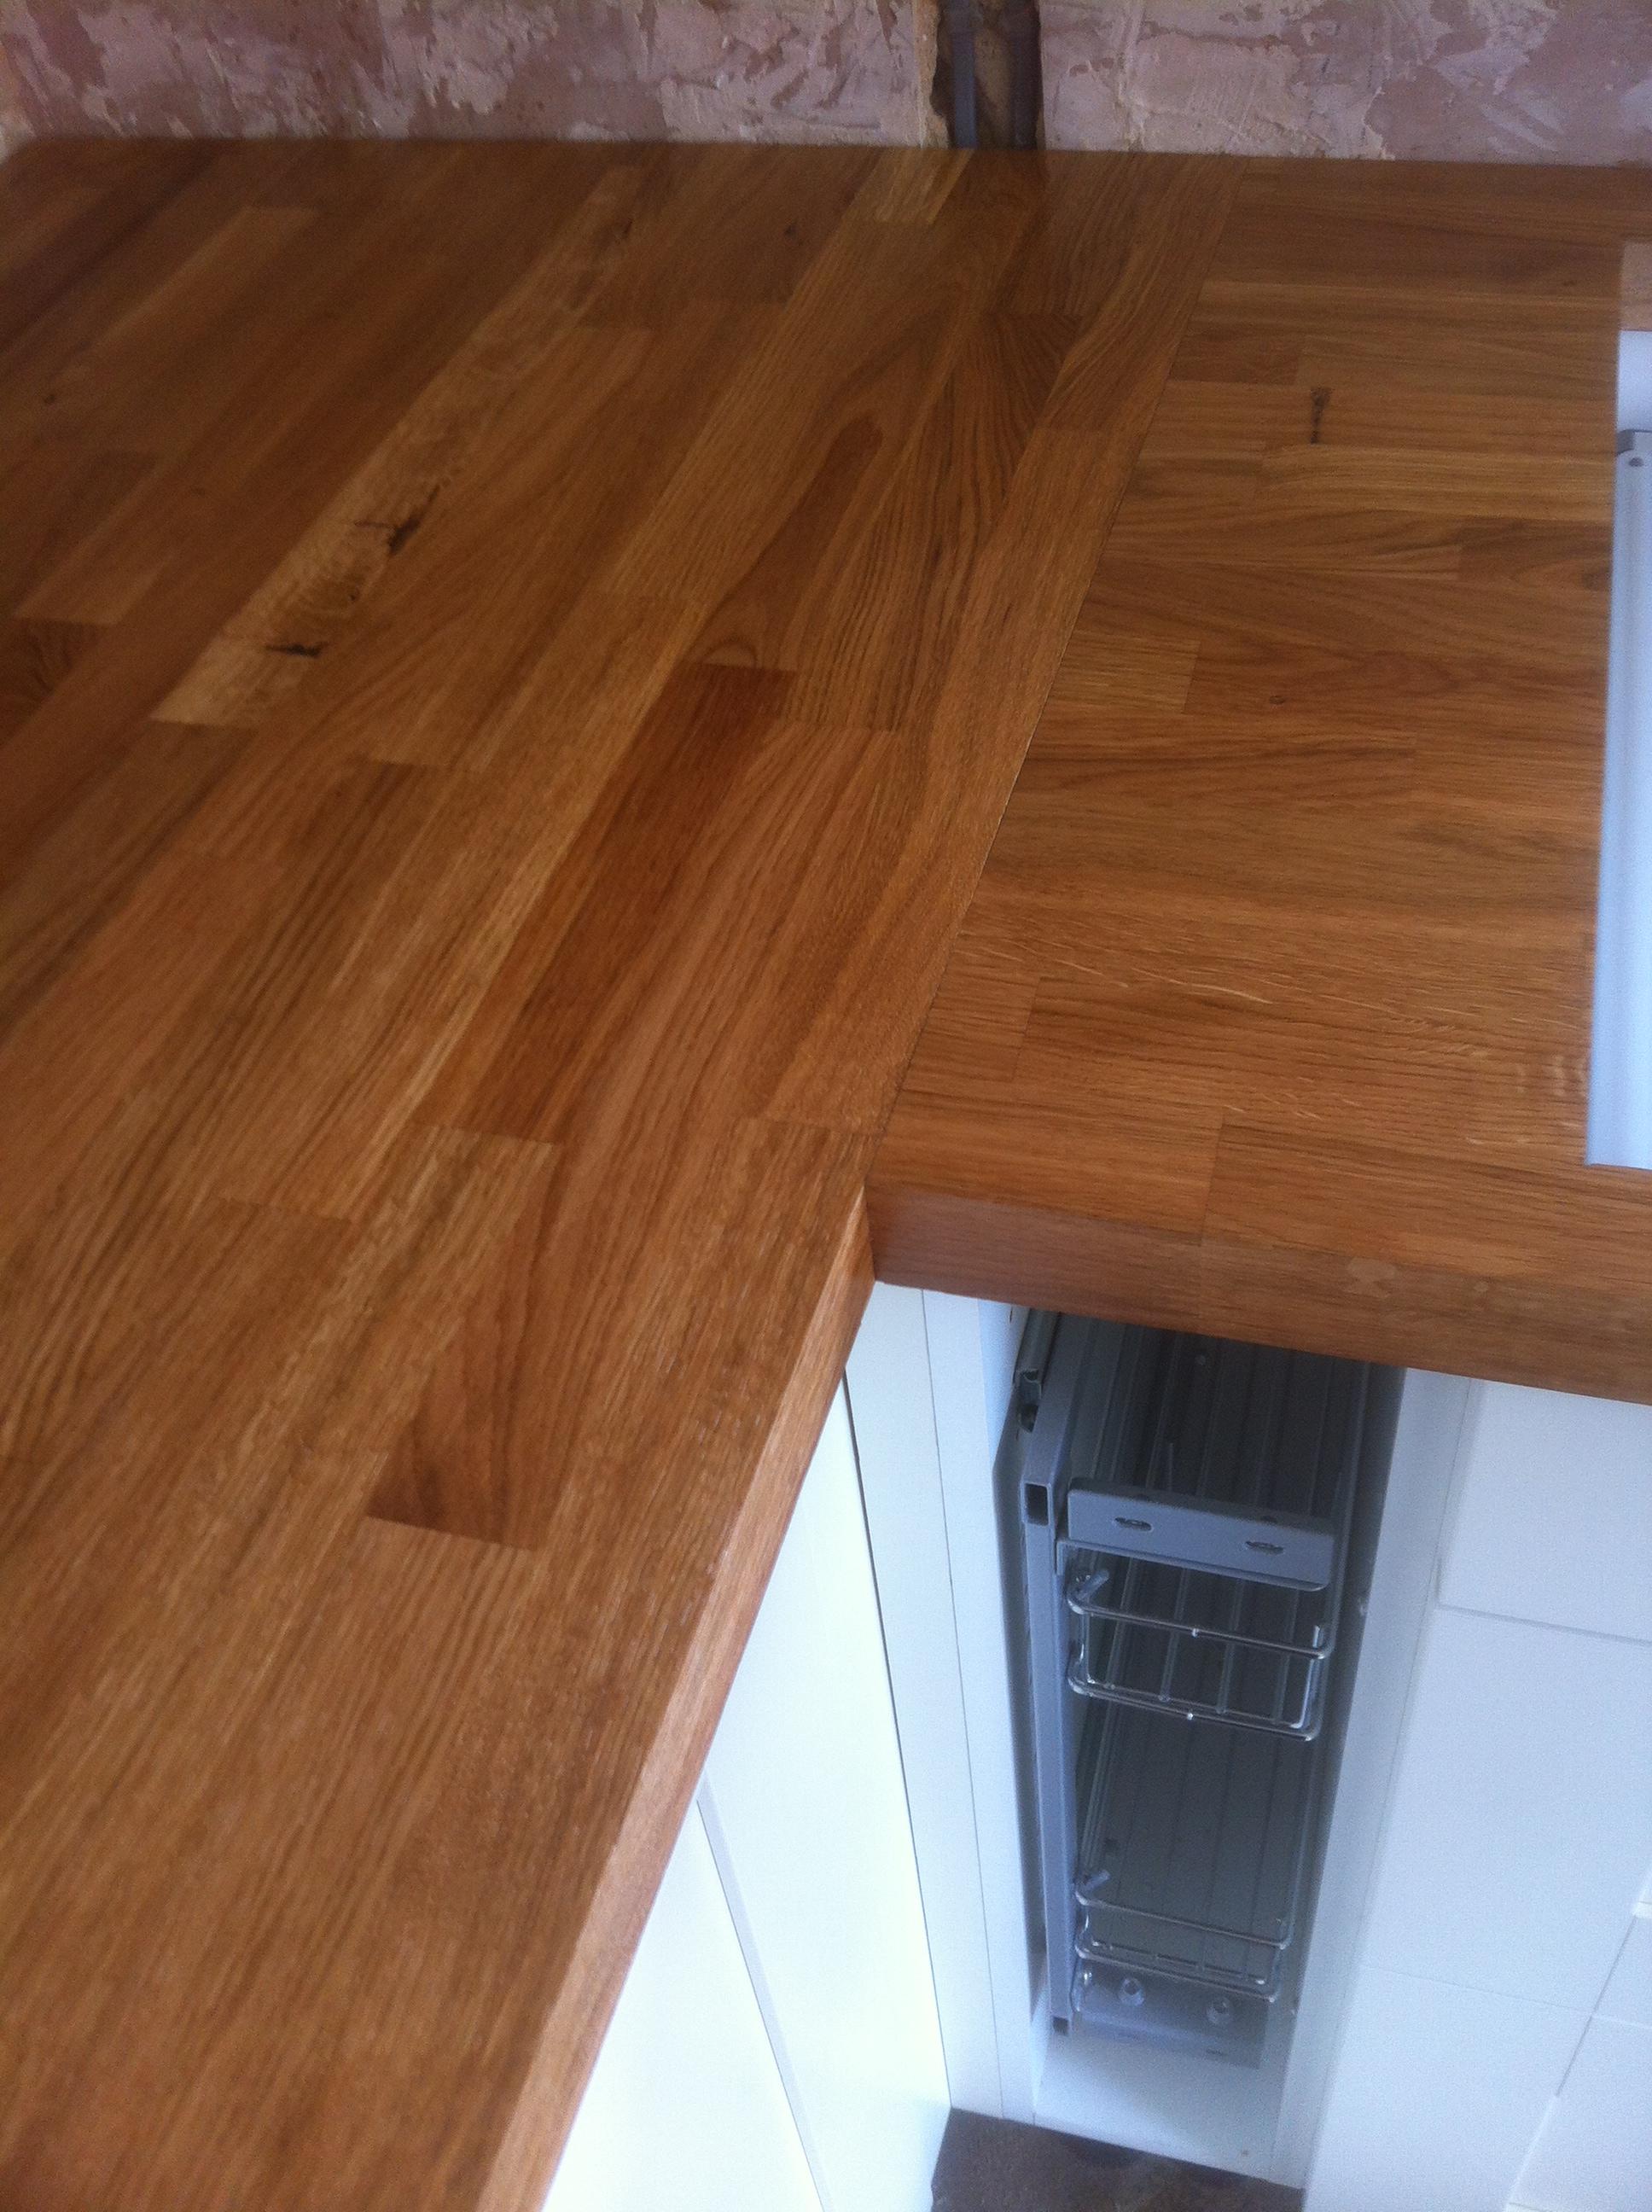 Solid Oak worktop fitting